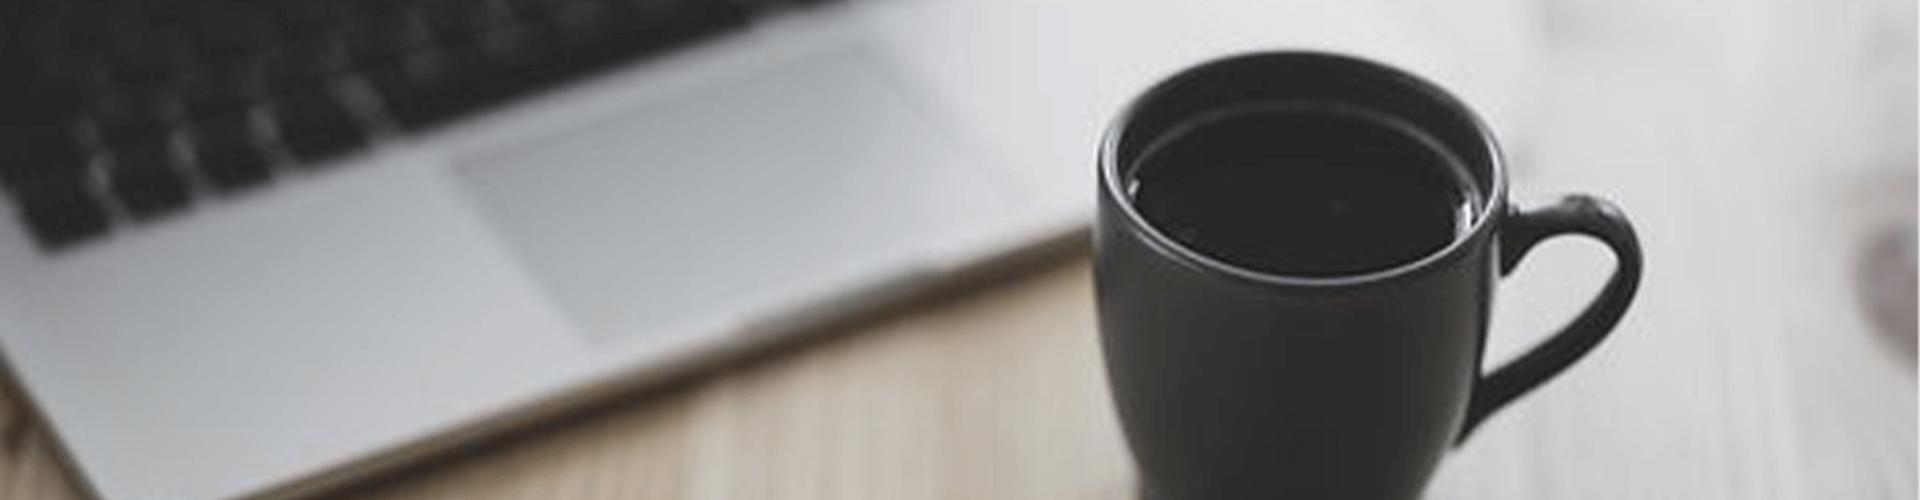 pc & coffee mug